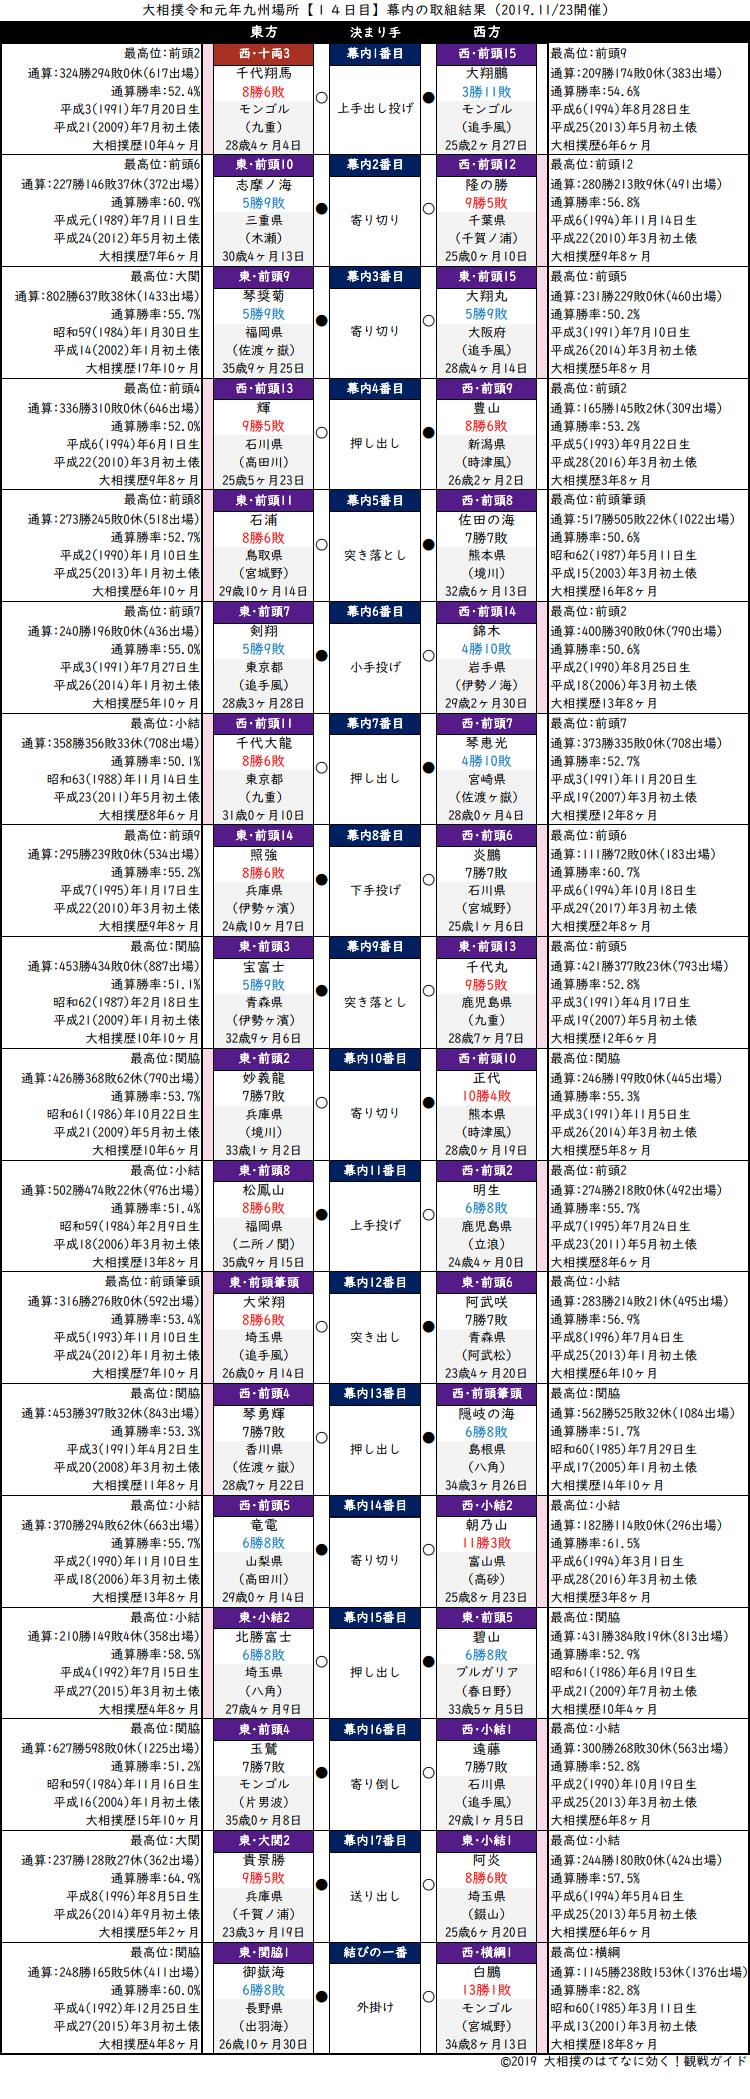 大相撲・2019年11月場所14日目・幕内の取組結果